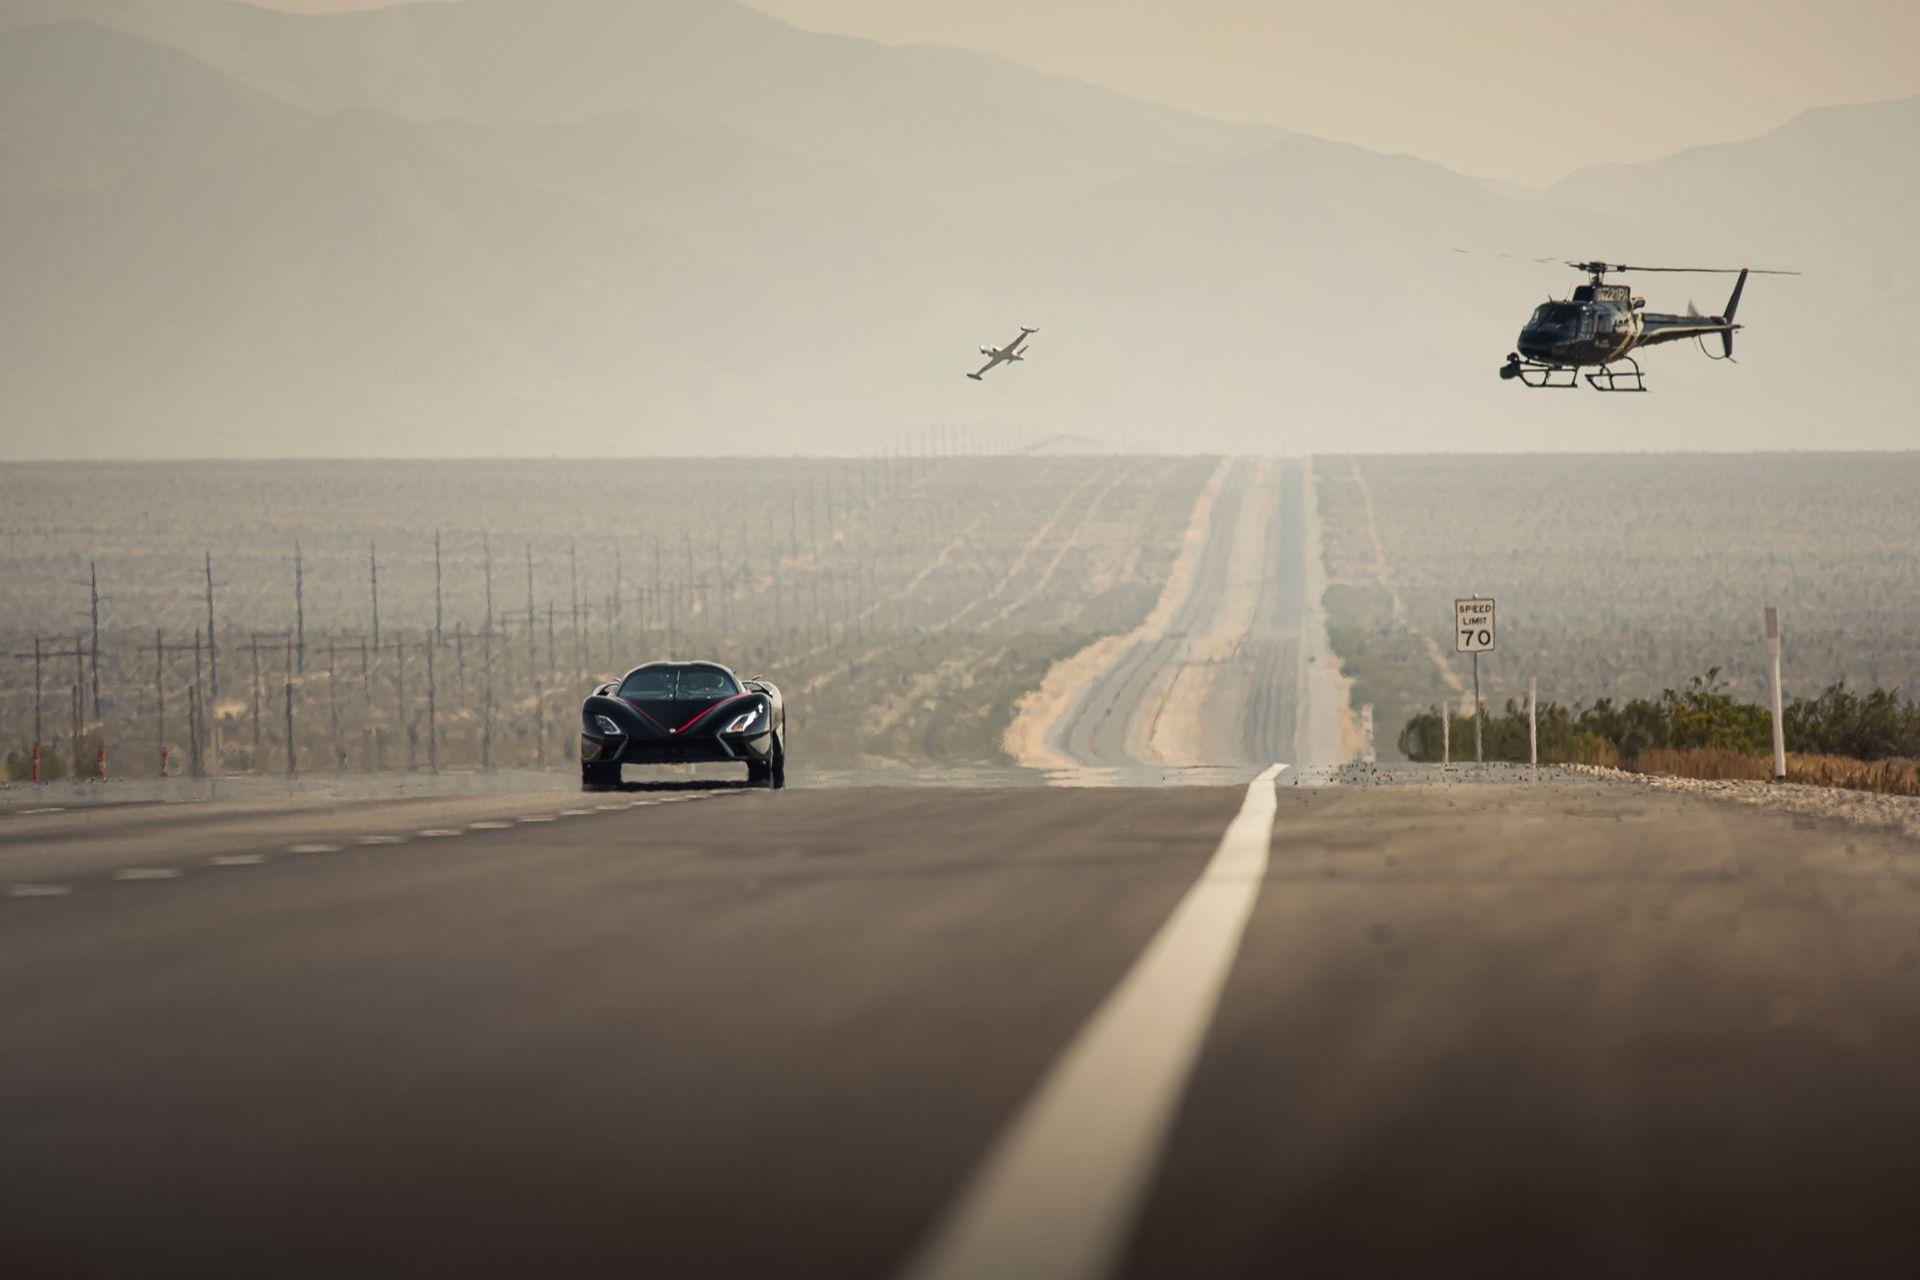 SSC Tuatara är nu världens snabbaste produktionsbil